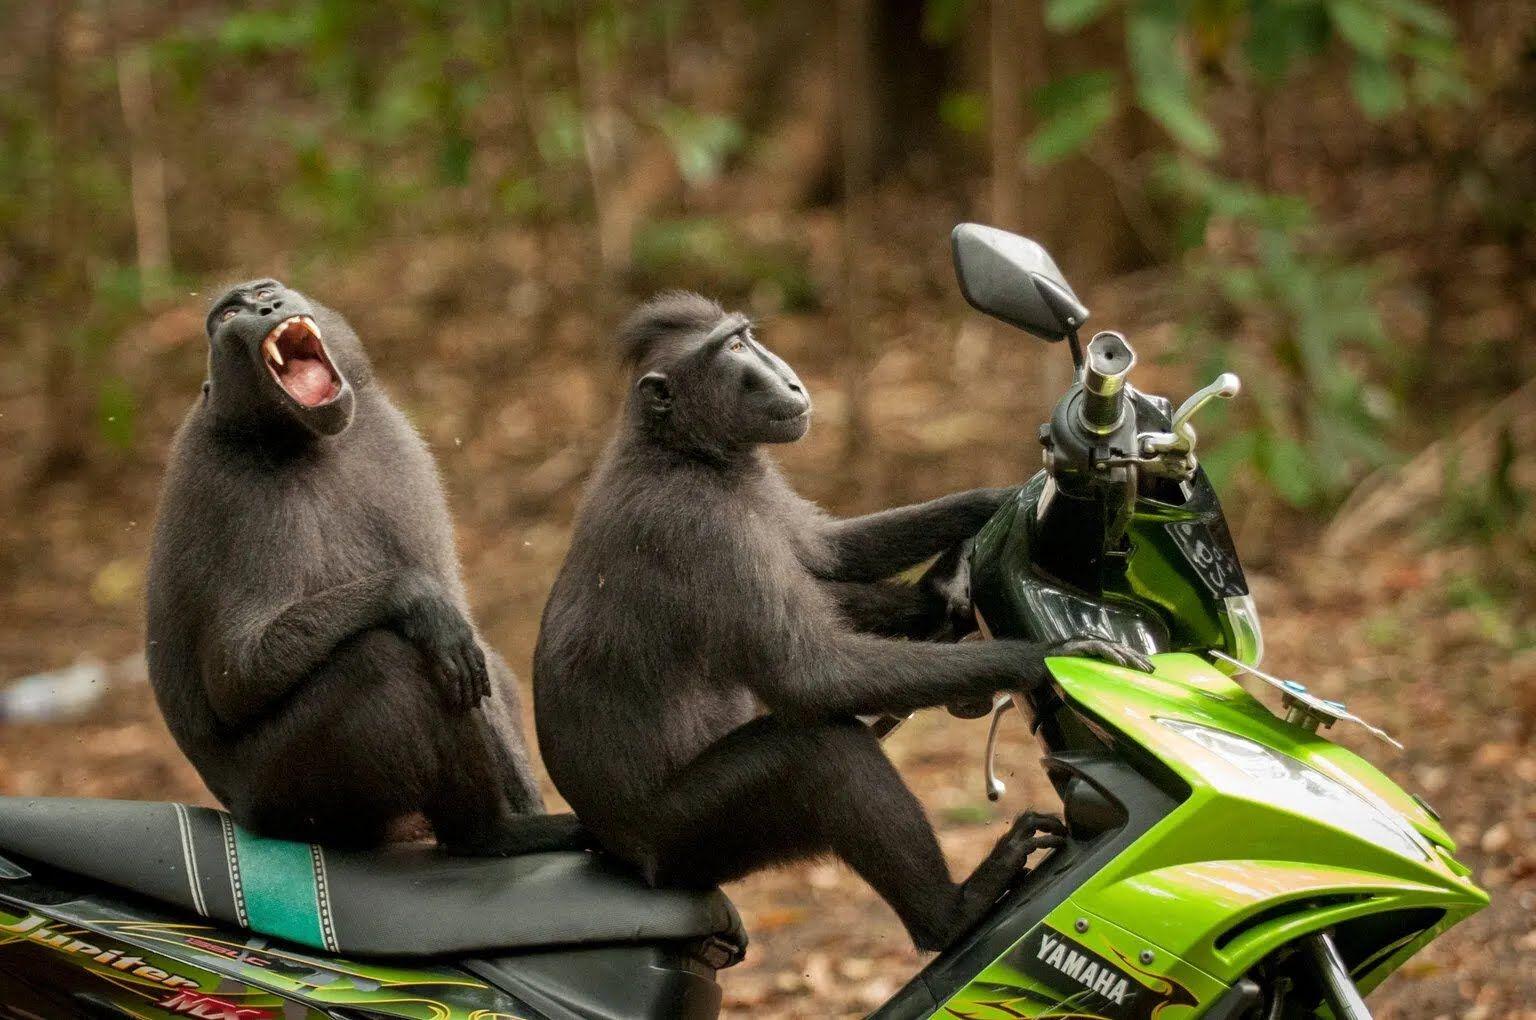 Пара обезьянок взяла на тест-драйв новенький мопед.